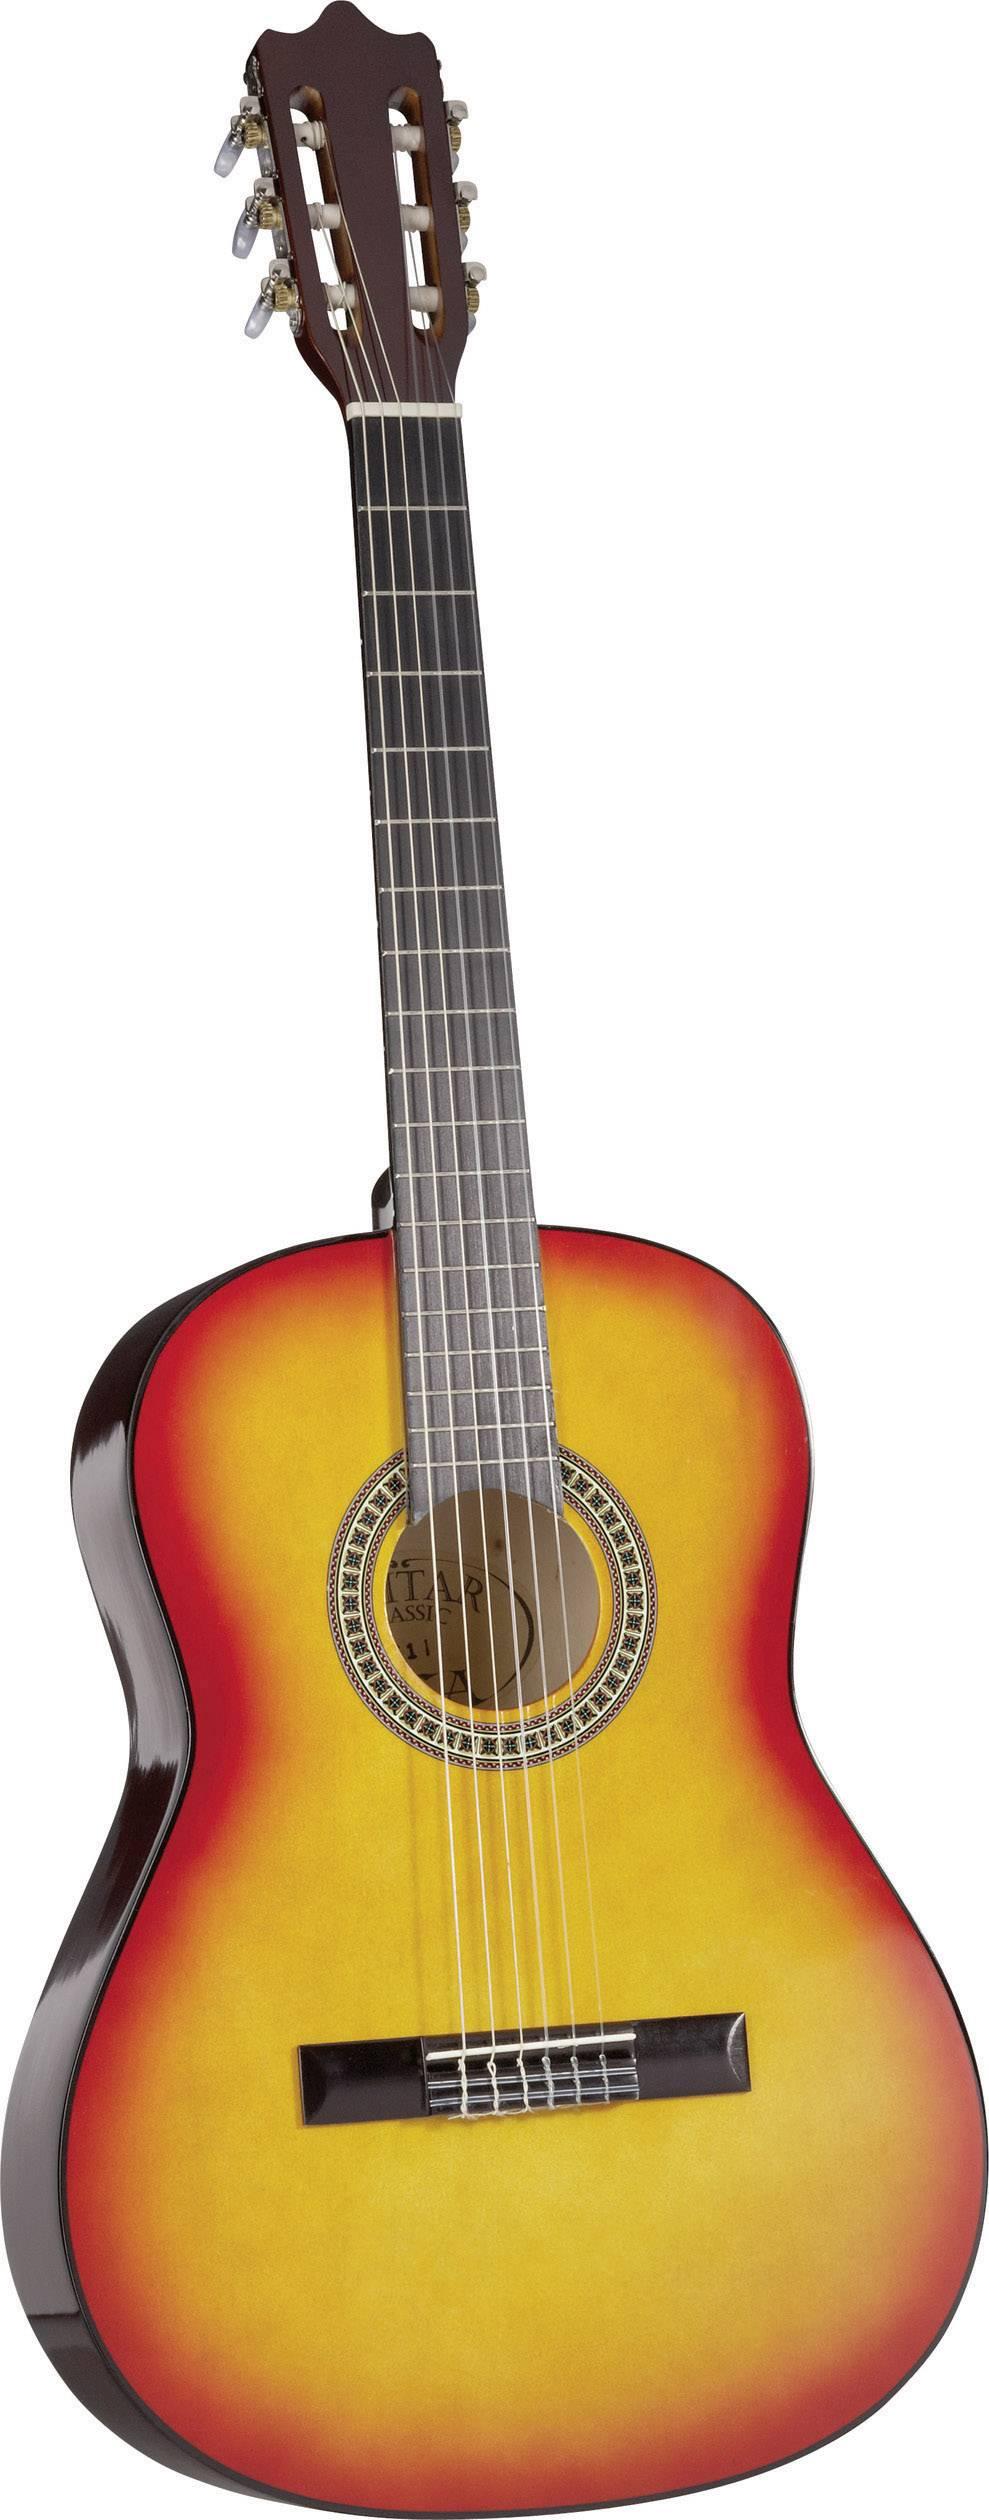 Koncertná gitara MSA Musikinstrumente C11 C11, veľkosť gitary 7/8, sunburst